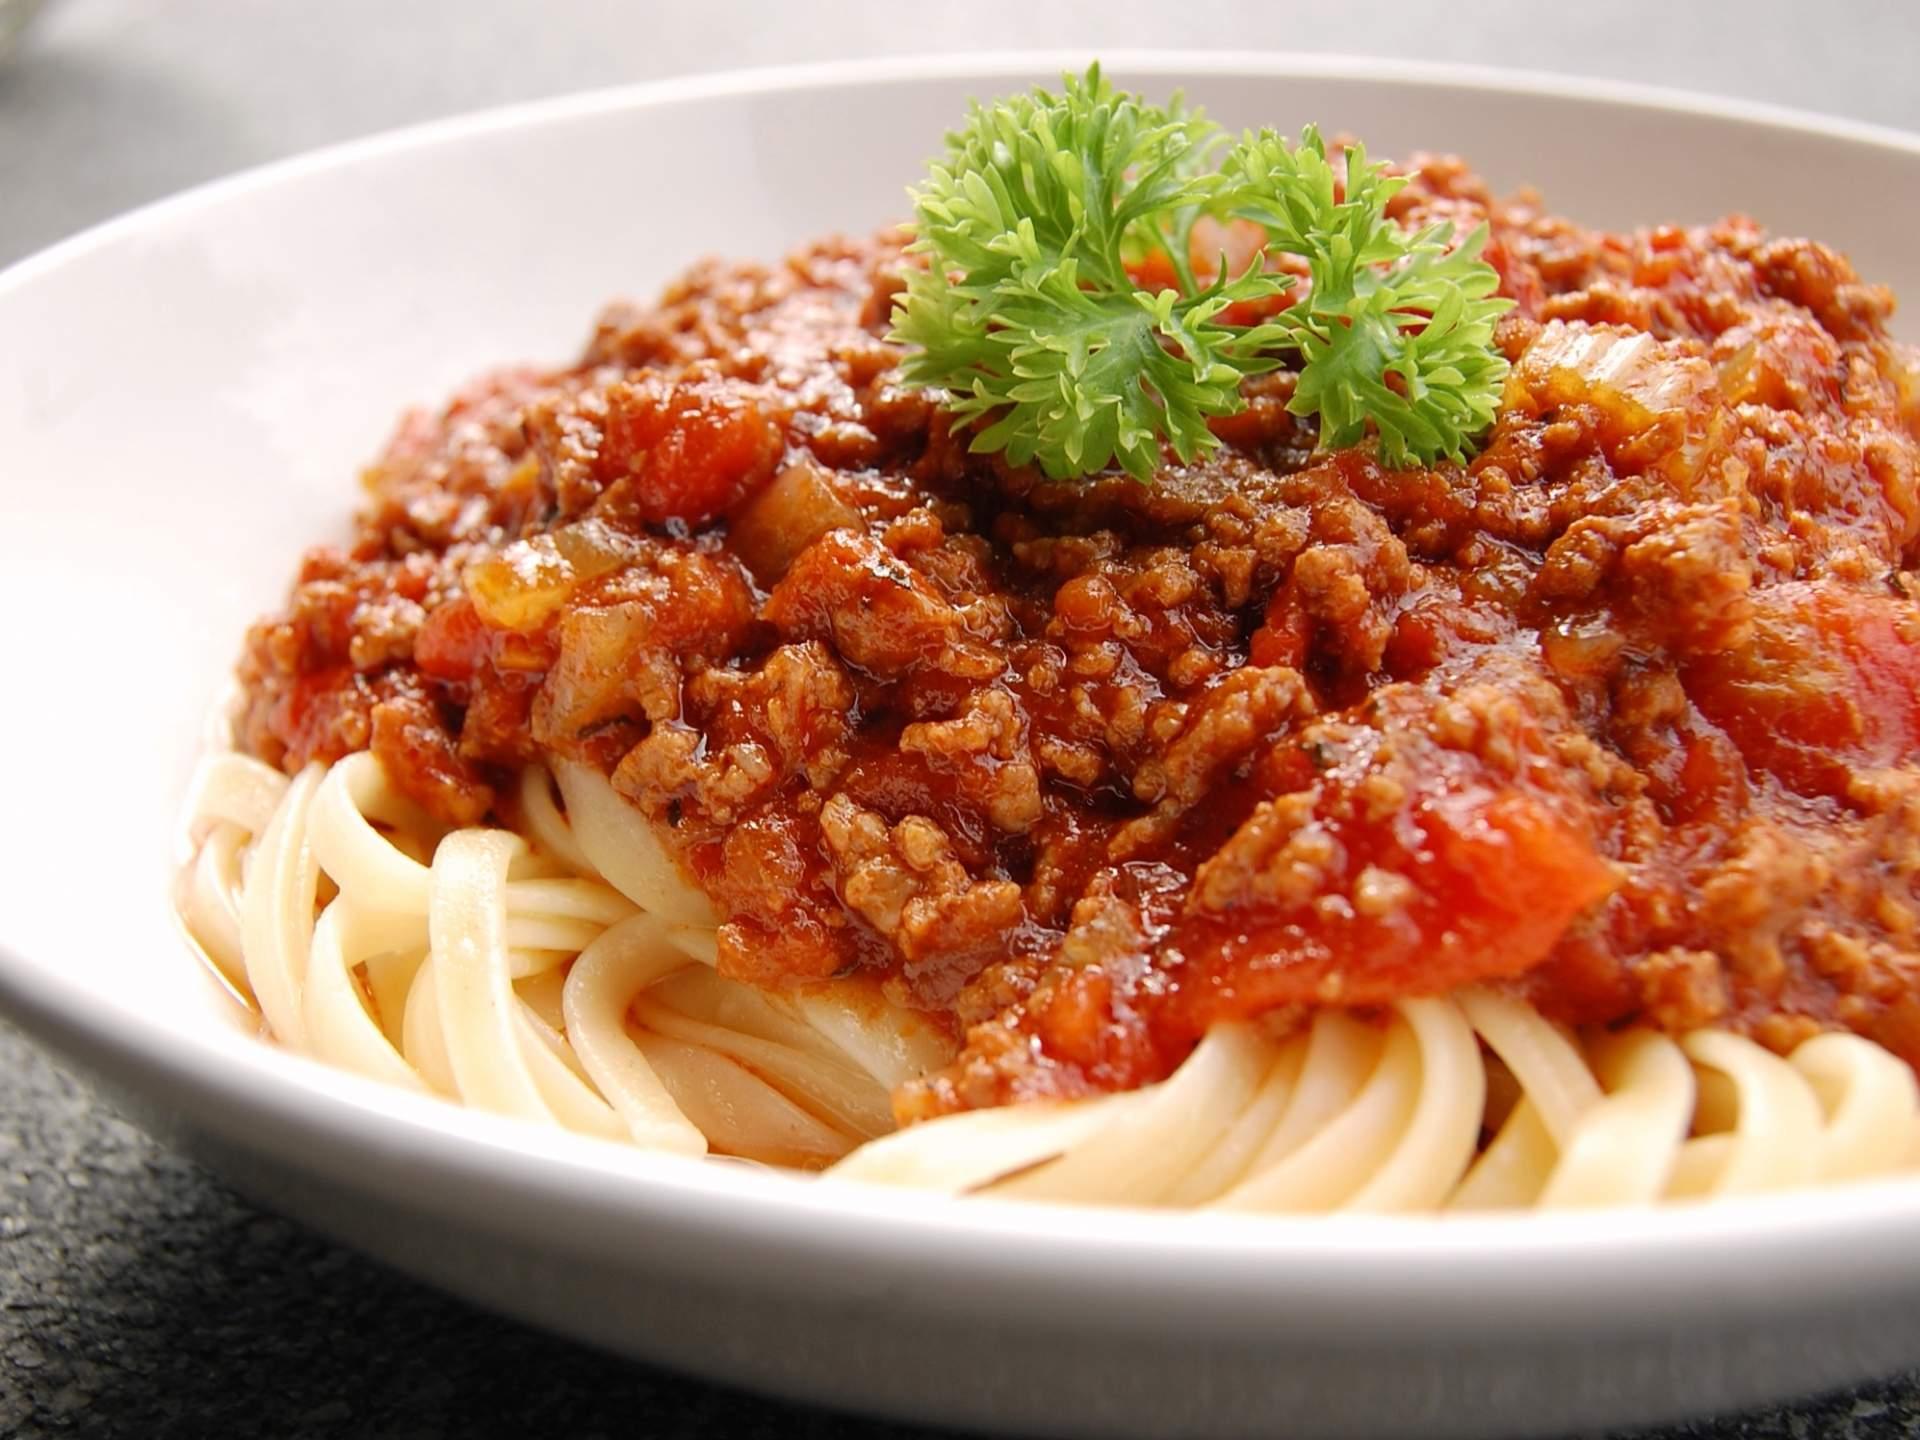 Spaghetti dinner fundraiser clipart for facebook royalty free Italian spaghetti pasta dinner clipart - ClipartFest royalty free